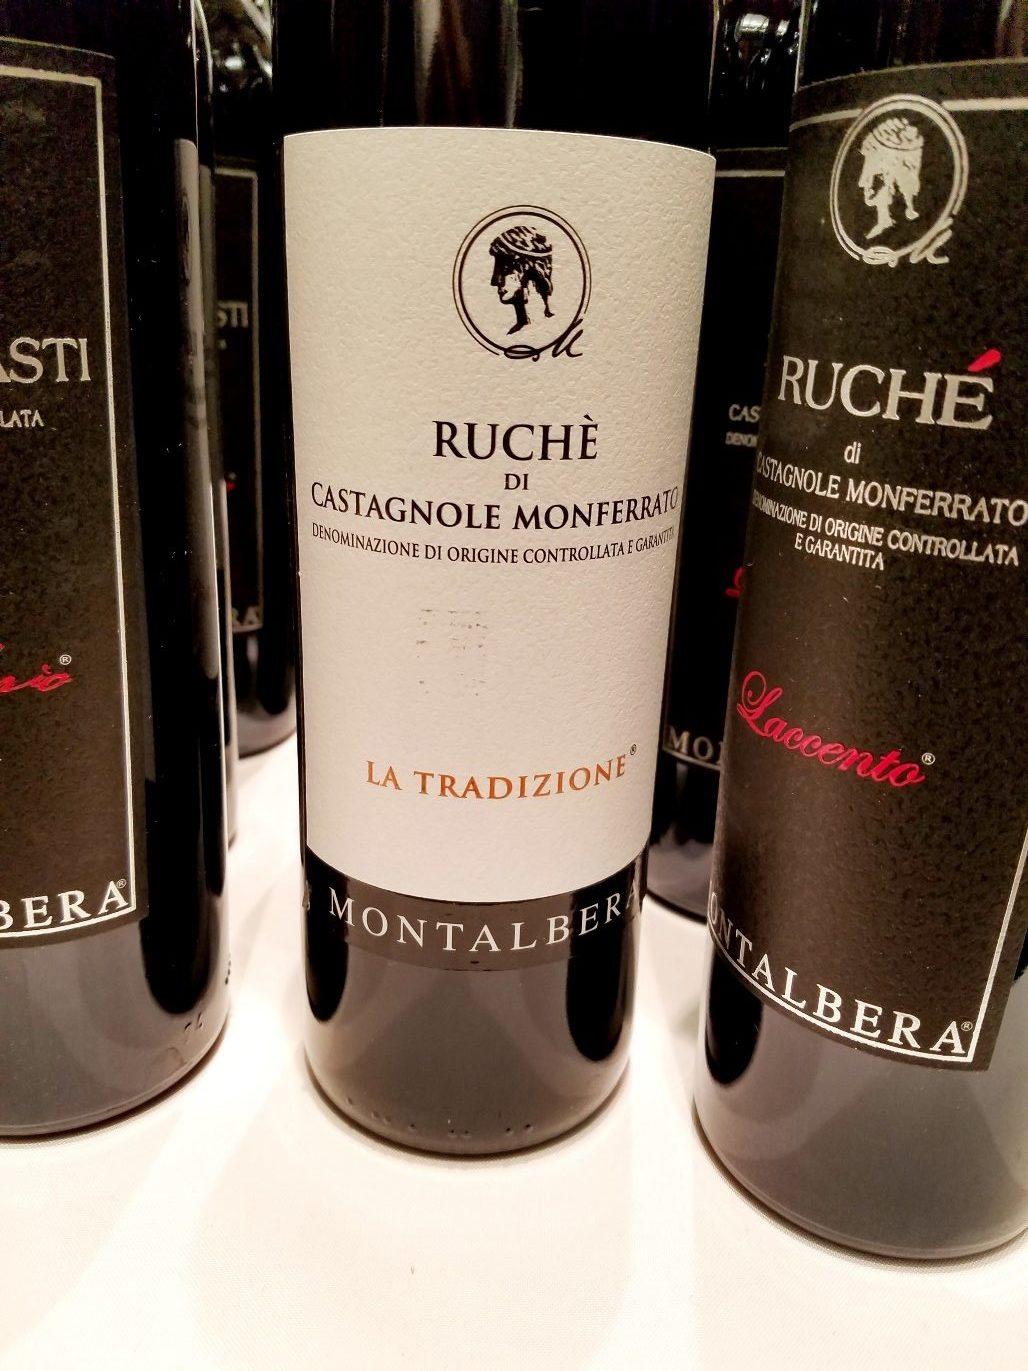 Montalbera Ruche di Castagonole Monferrato La Tradizione 2018, Gambero Rosso New York Winetasting, Wine Casual